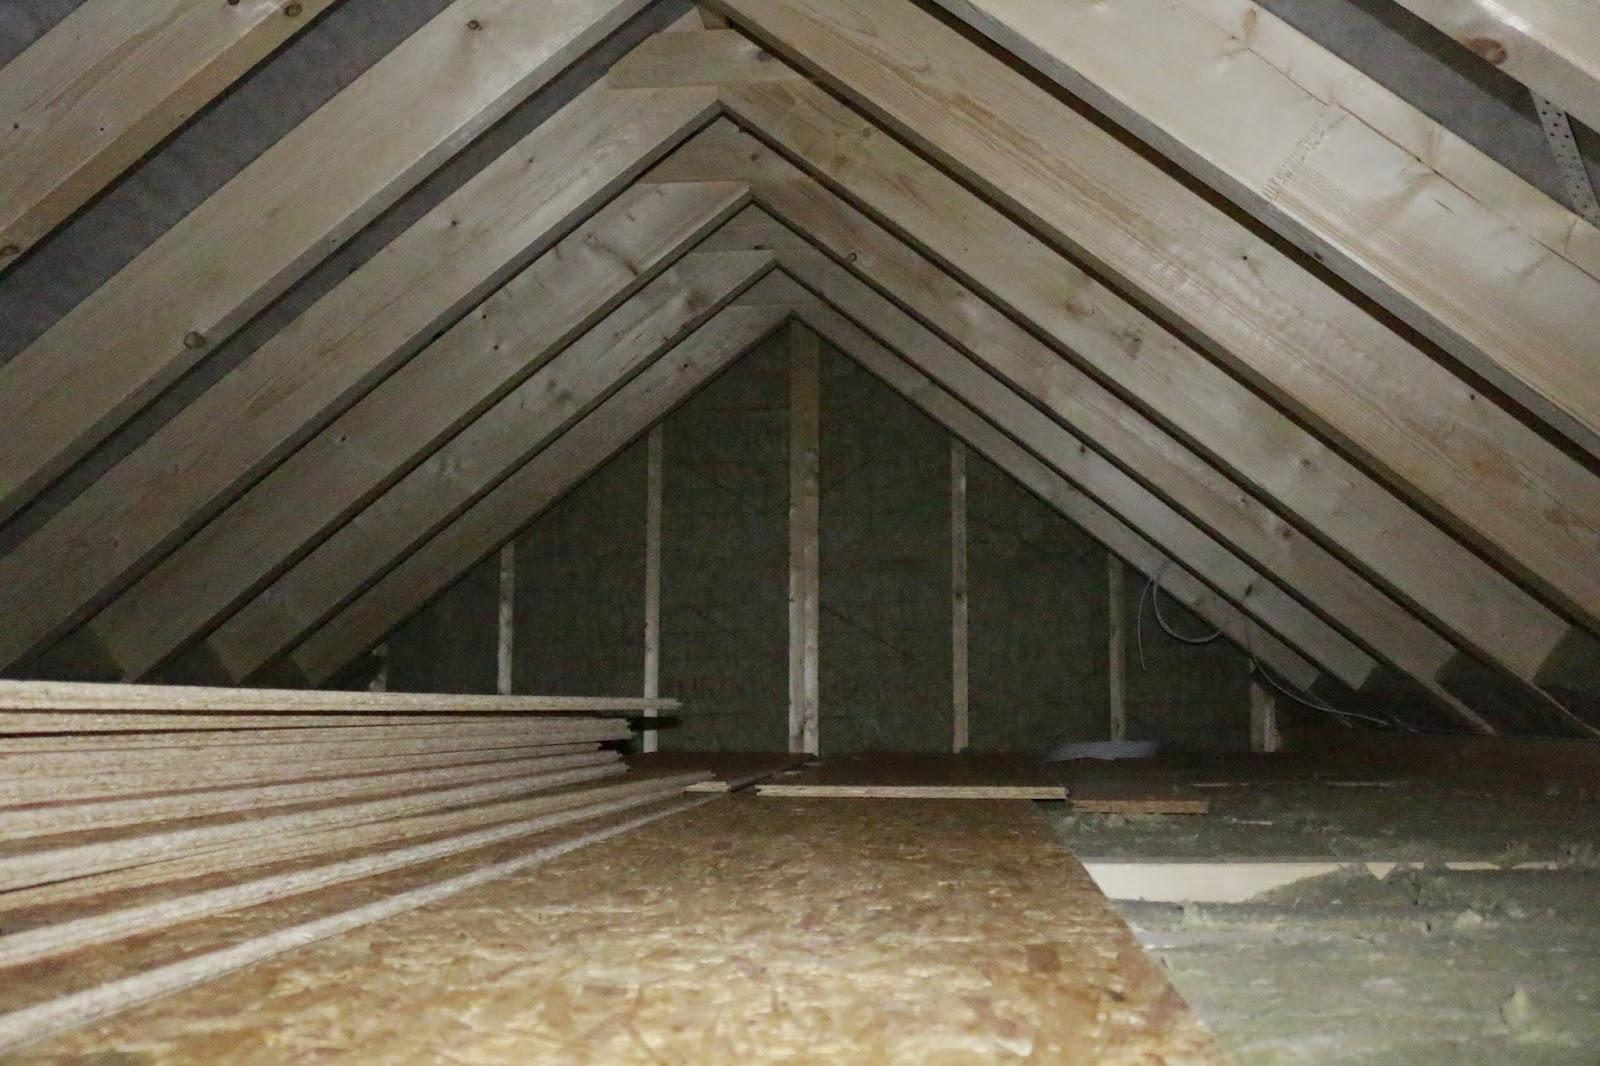 Dachboden Fußboden Dämmen ~ Dachboden ausbauen boden dämmen schallschutz schallschutz